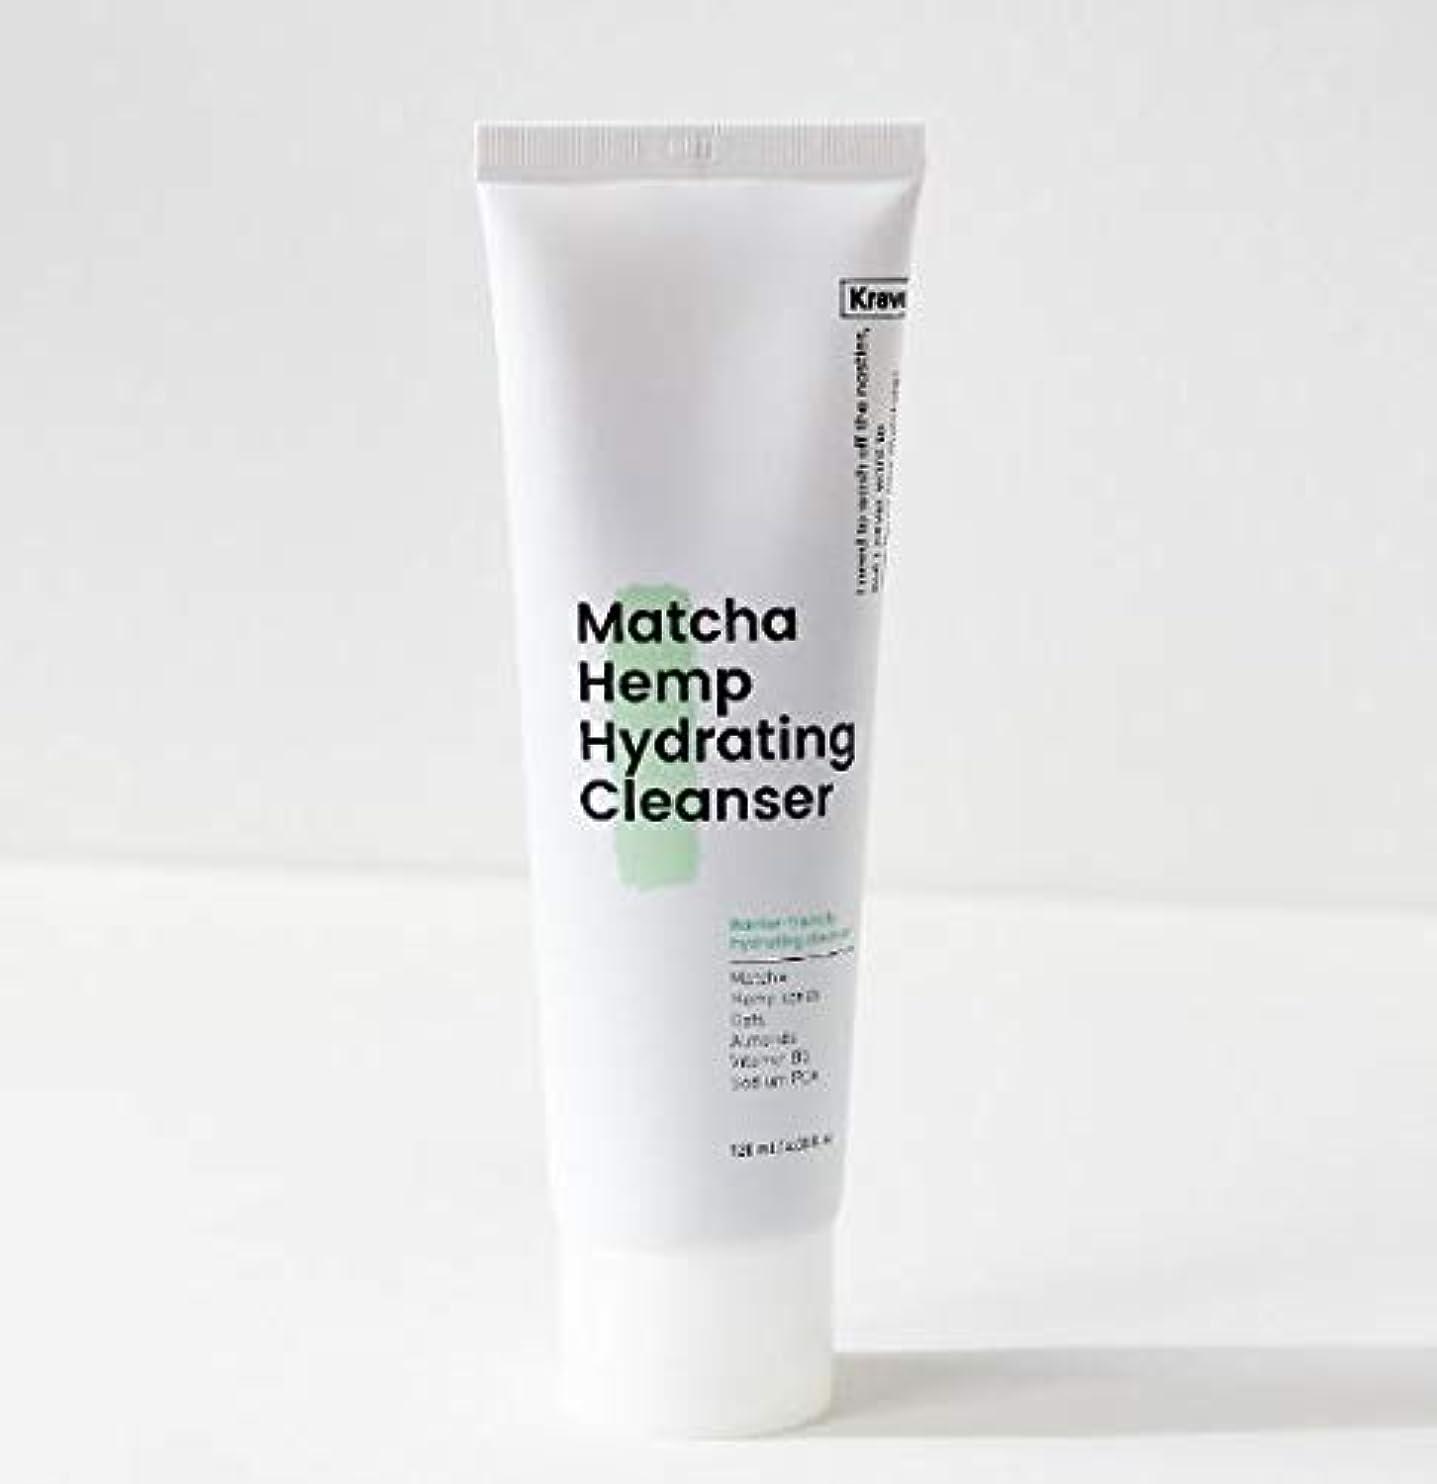 クルー餌特許[Krave] Matcha Hemp Hydrating Cleanser 120ml / 抹茶ハイドレイティングクレンザー120ml [並行輸入品]